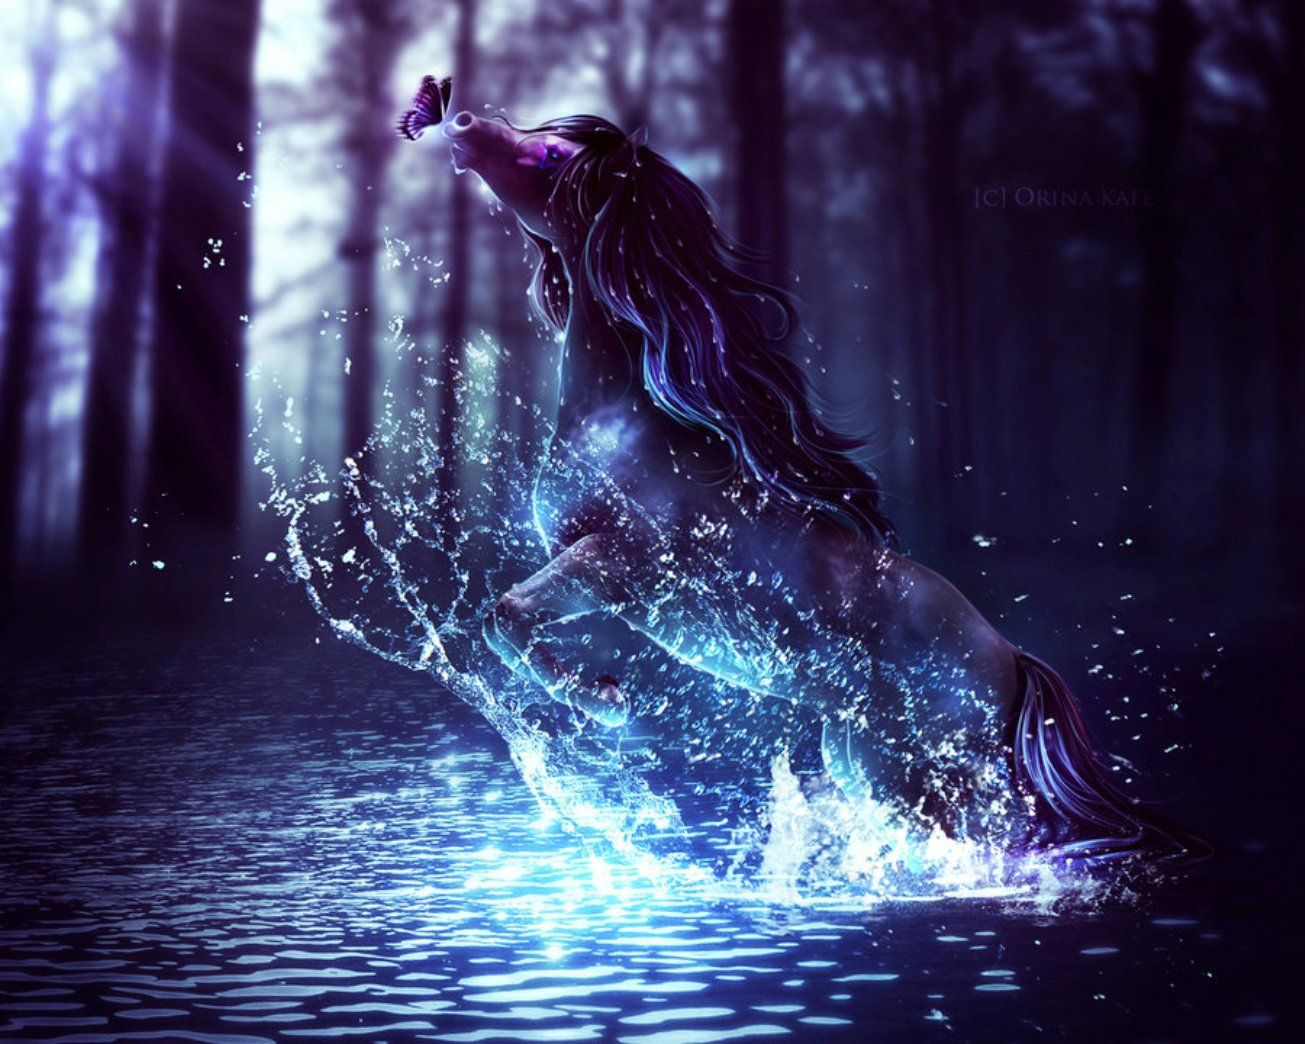 Top Wallpaper Horse Water - c298a99698bd71ba42013672644d5c28  Snapshot_956387.jpg